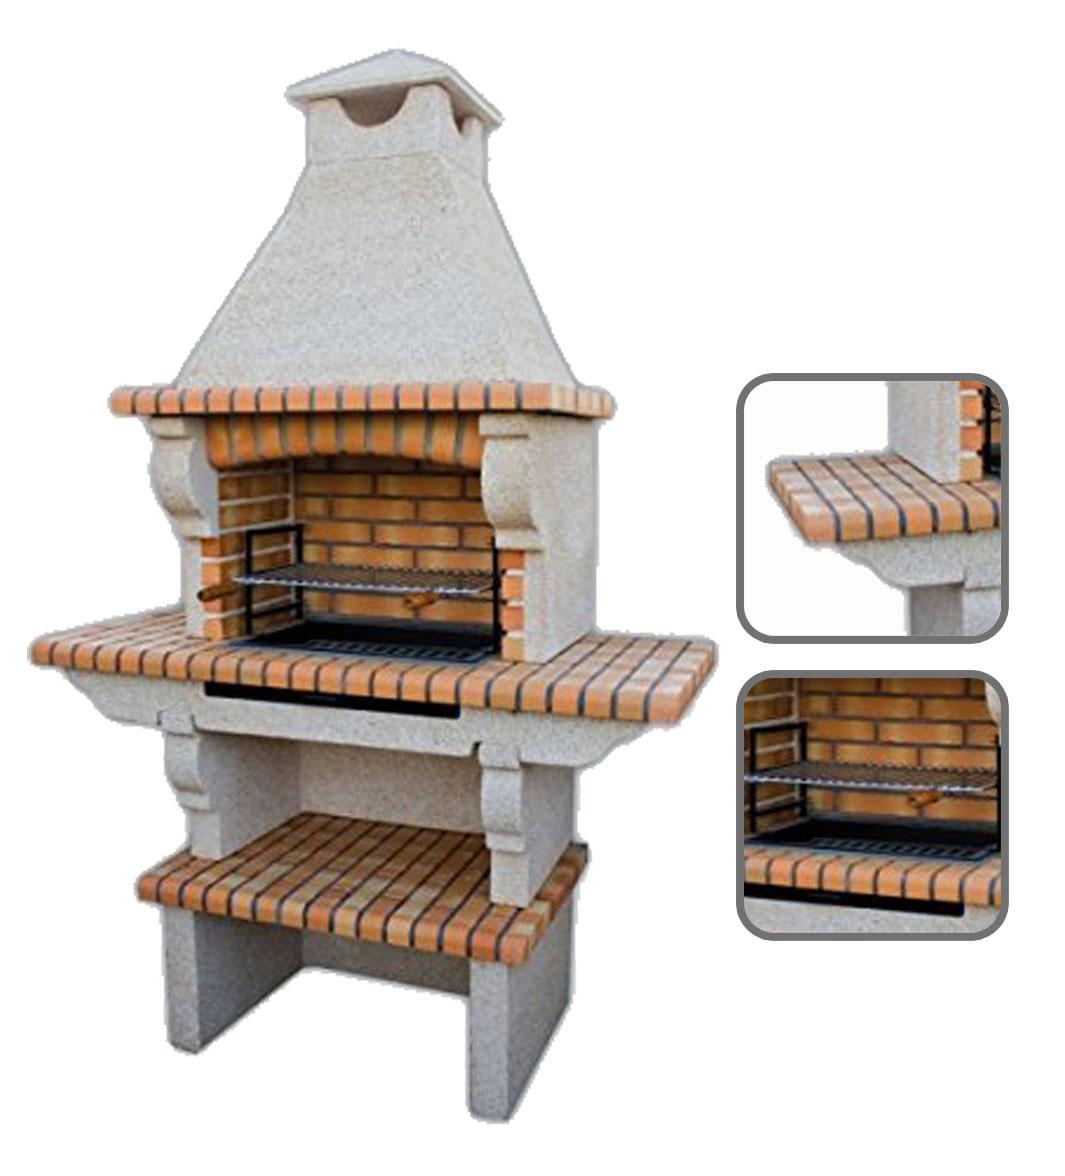 Los 4 modelos de barbacoas de obra m s vendidas - Barbacoa prefabricada precio ...